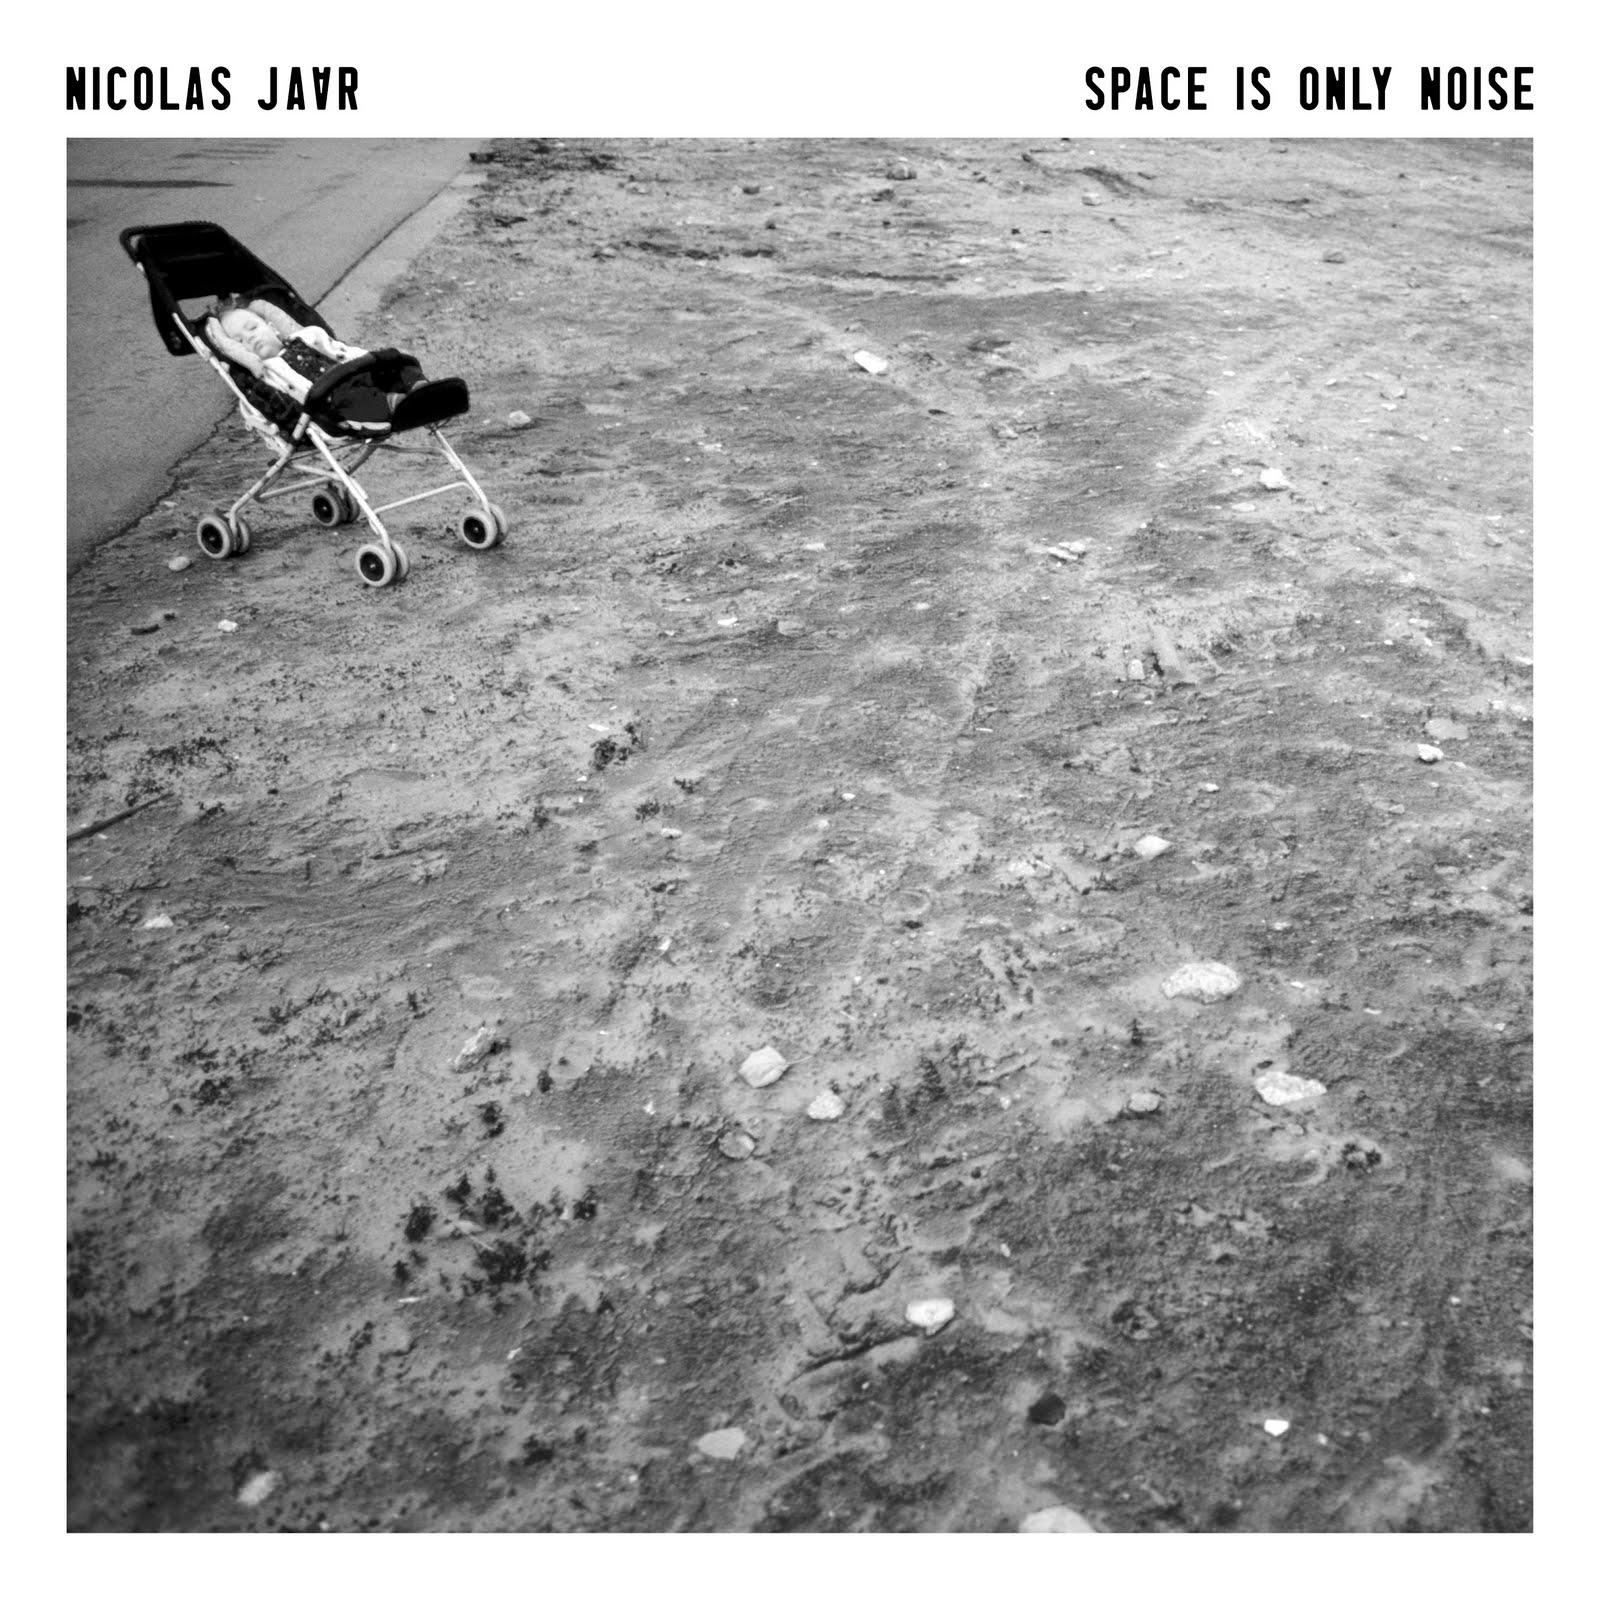 Nicolas Jaar x Alfredo Jaar - Space Is Only Noise (2011)